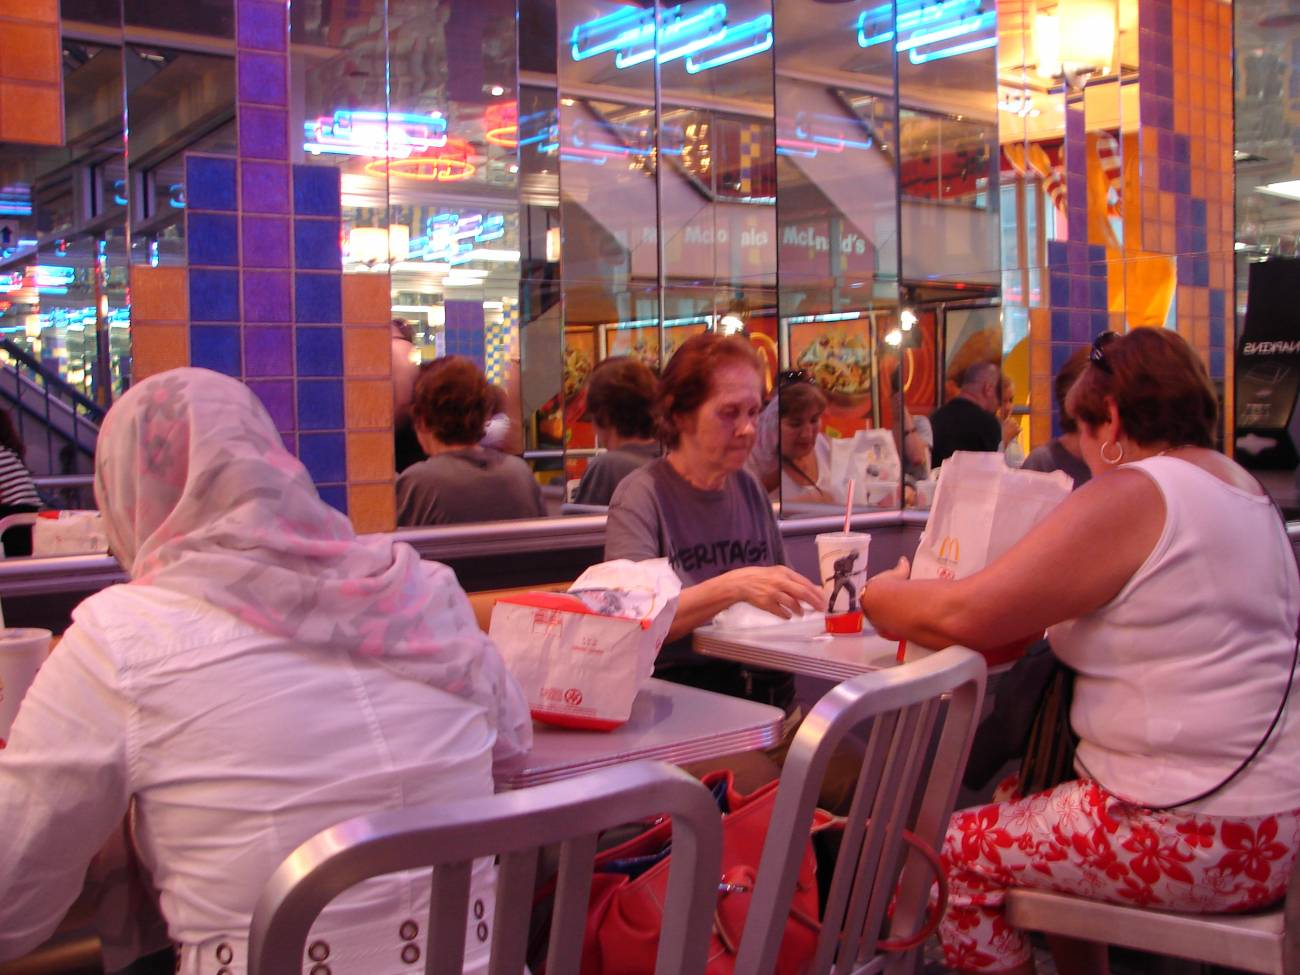 Tres mujeres comen hamburguesas en un restaurante de comida rápida.